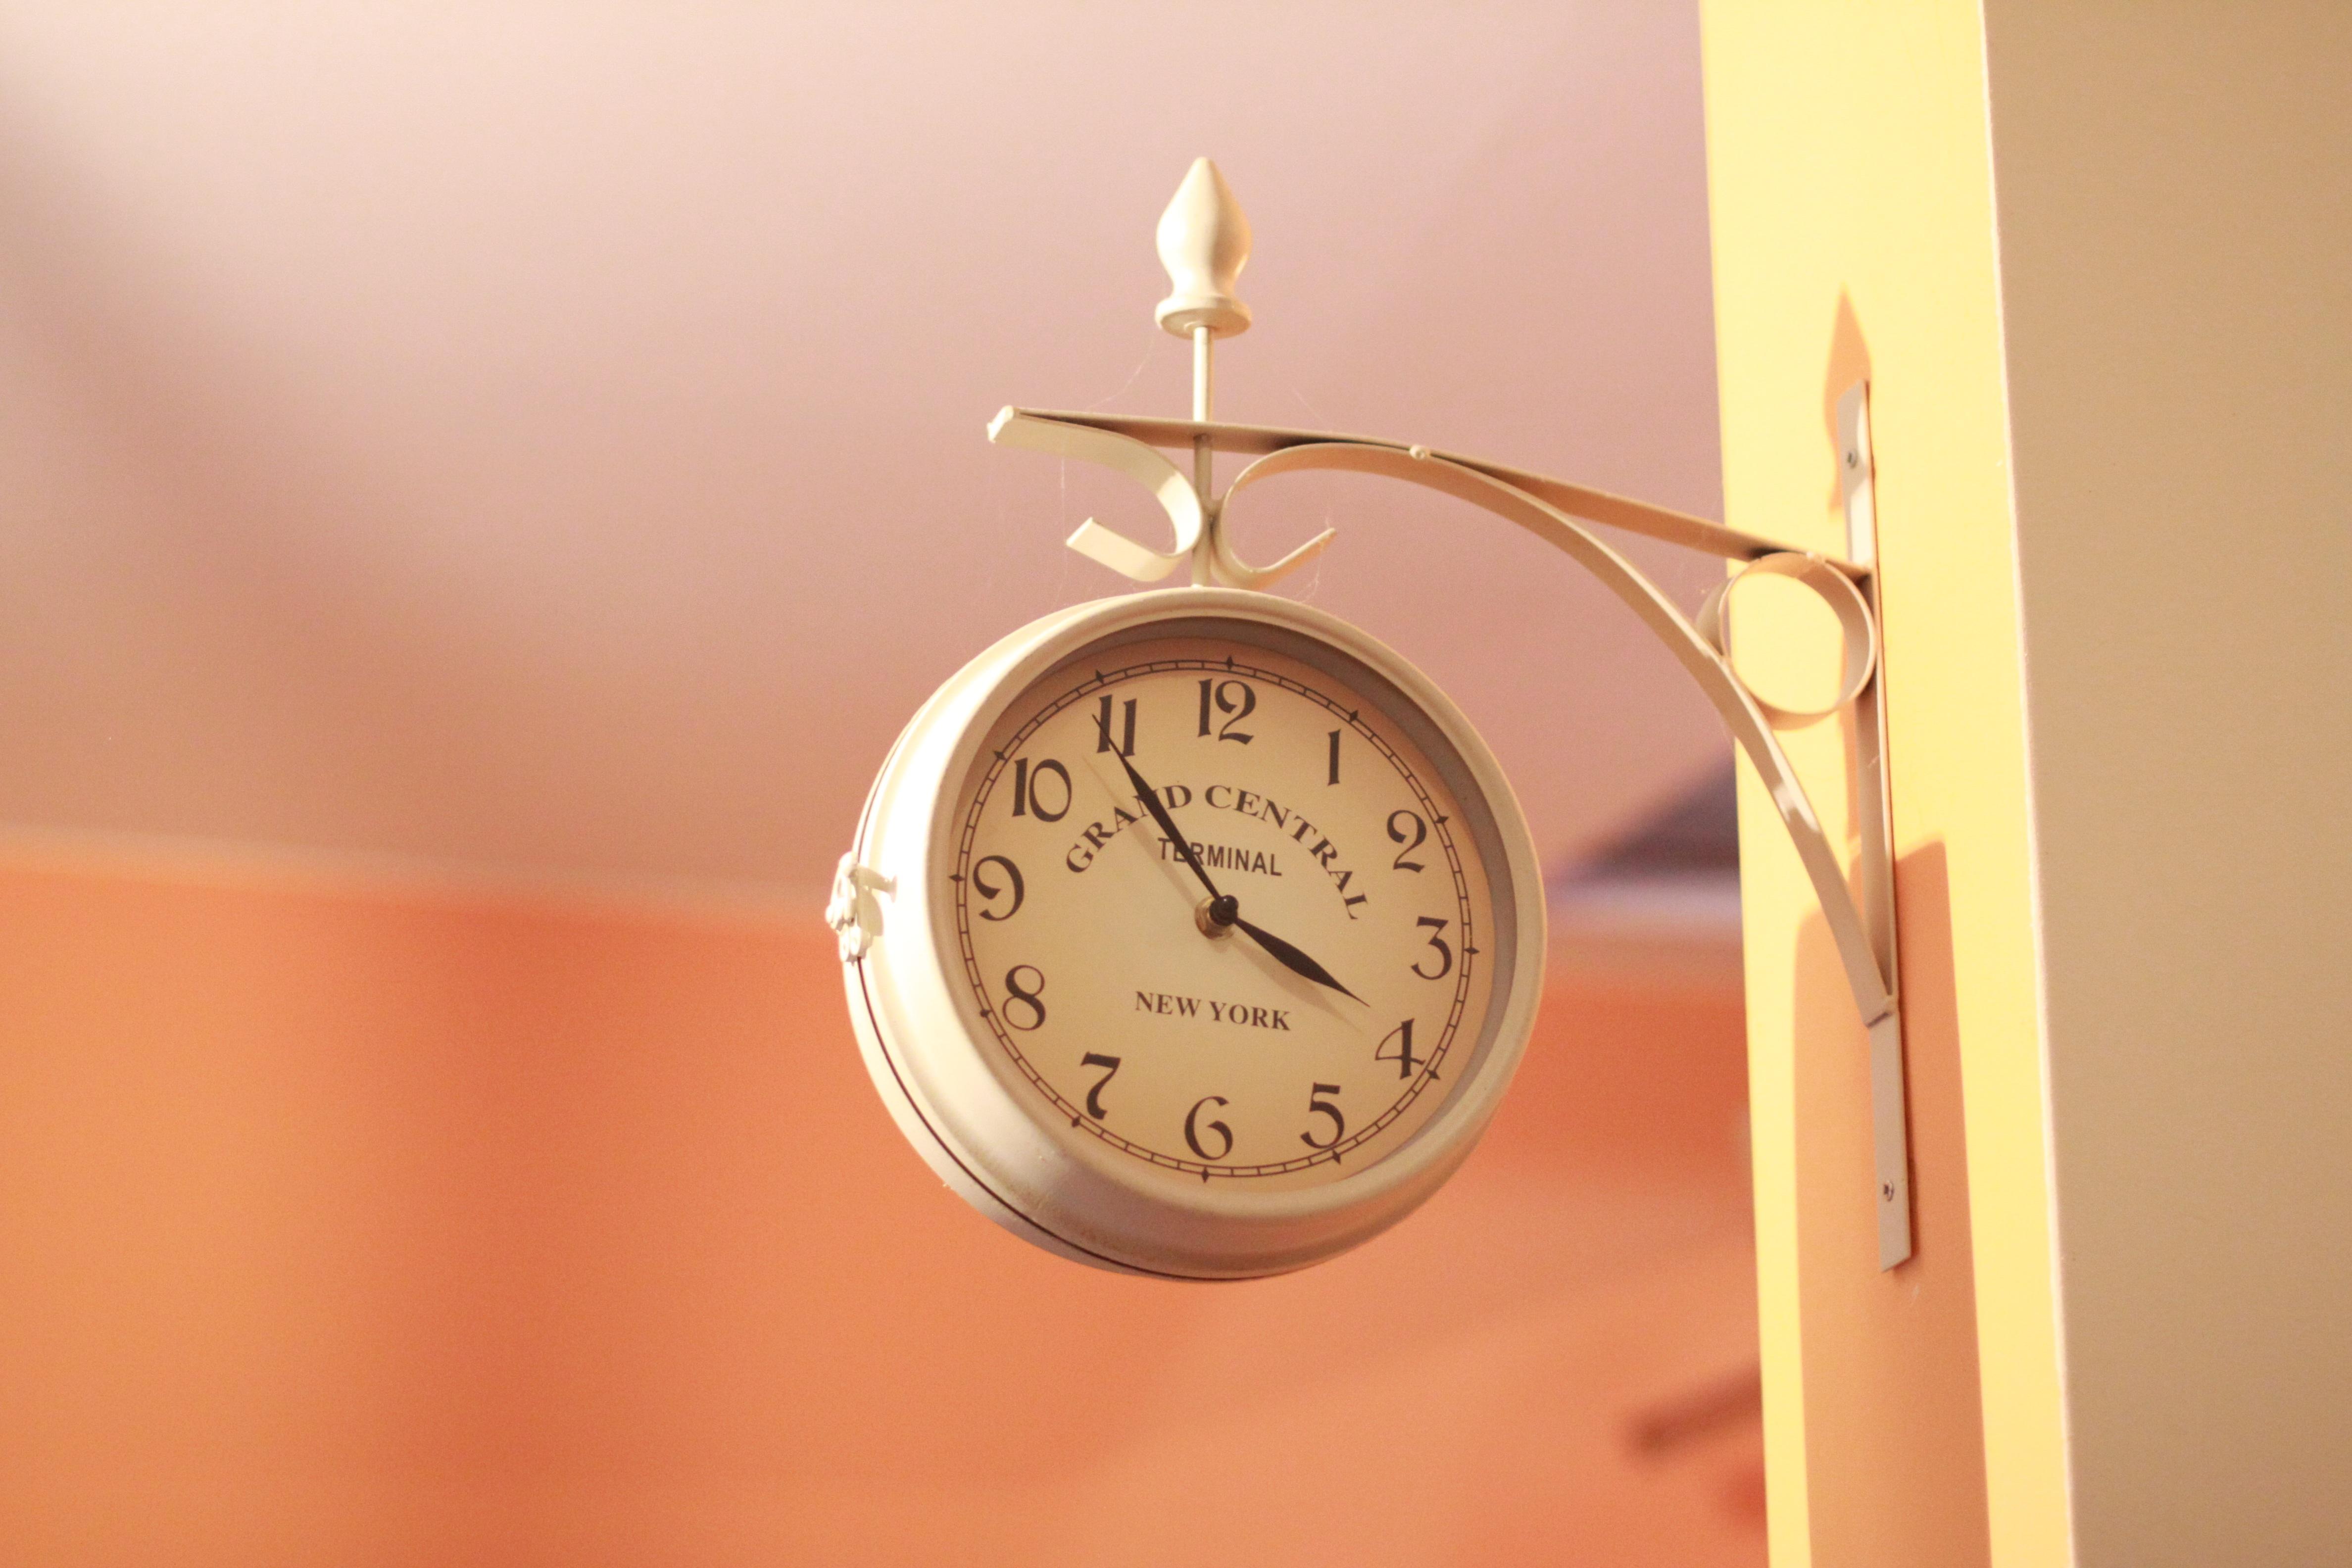 gratis billeder : hånd, væg, belysning, indretning, minut, vægur